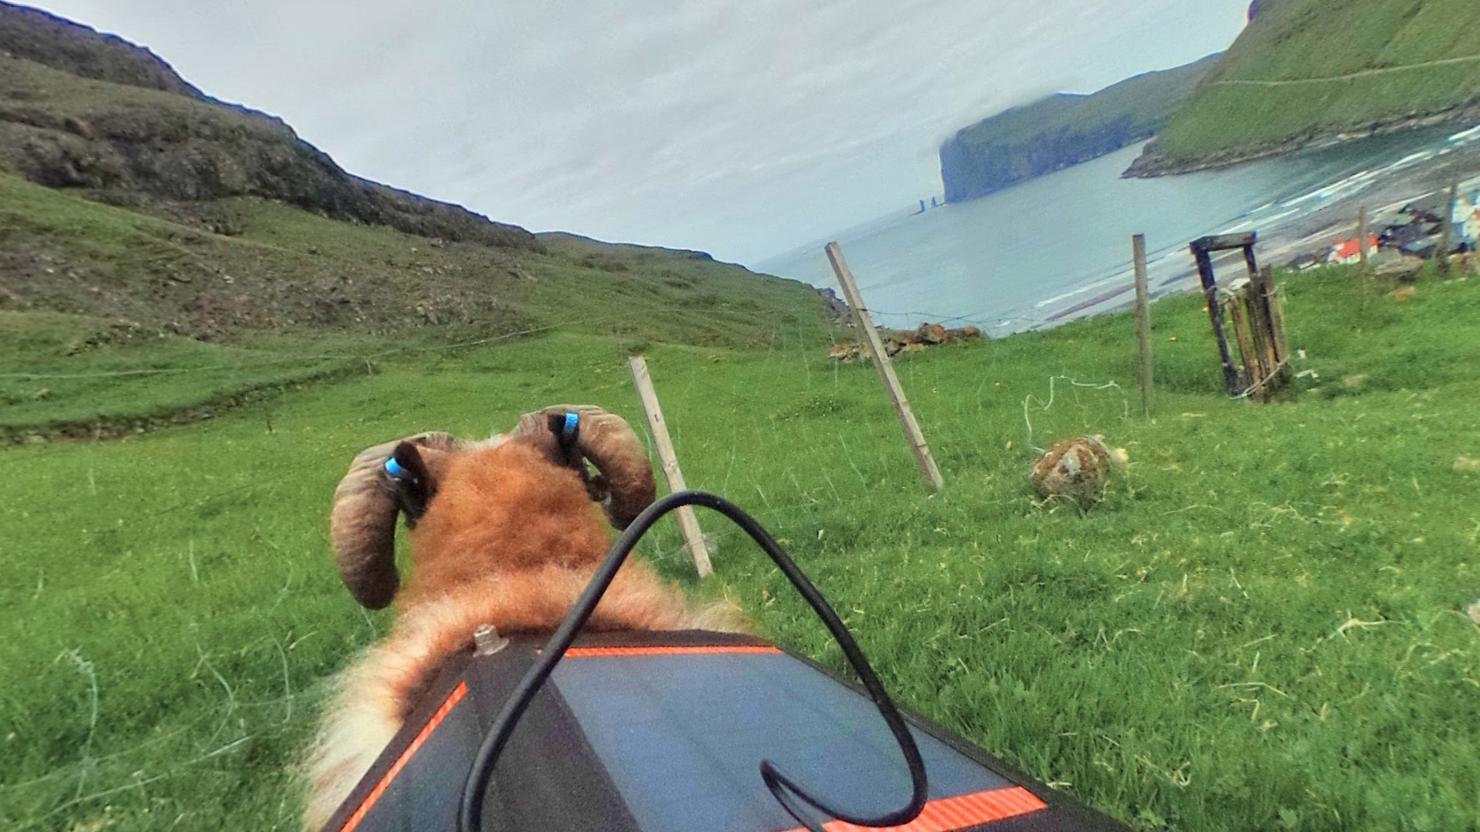 Nå kan du oppleve Færøyene i 360 grader – fra ryggen på en sau